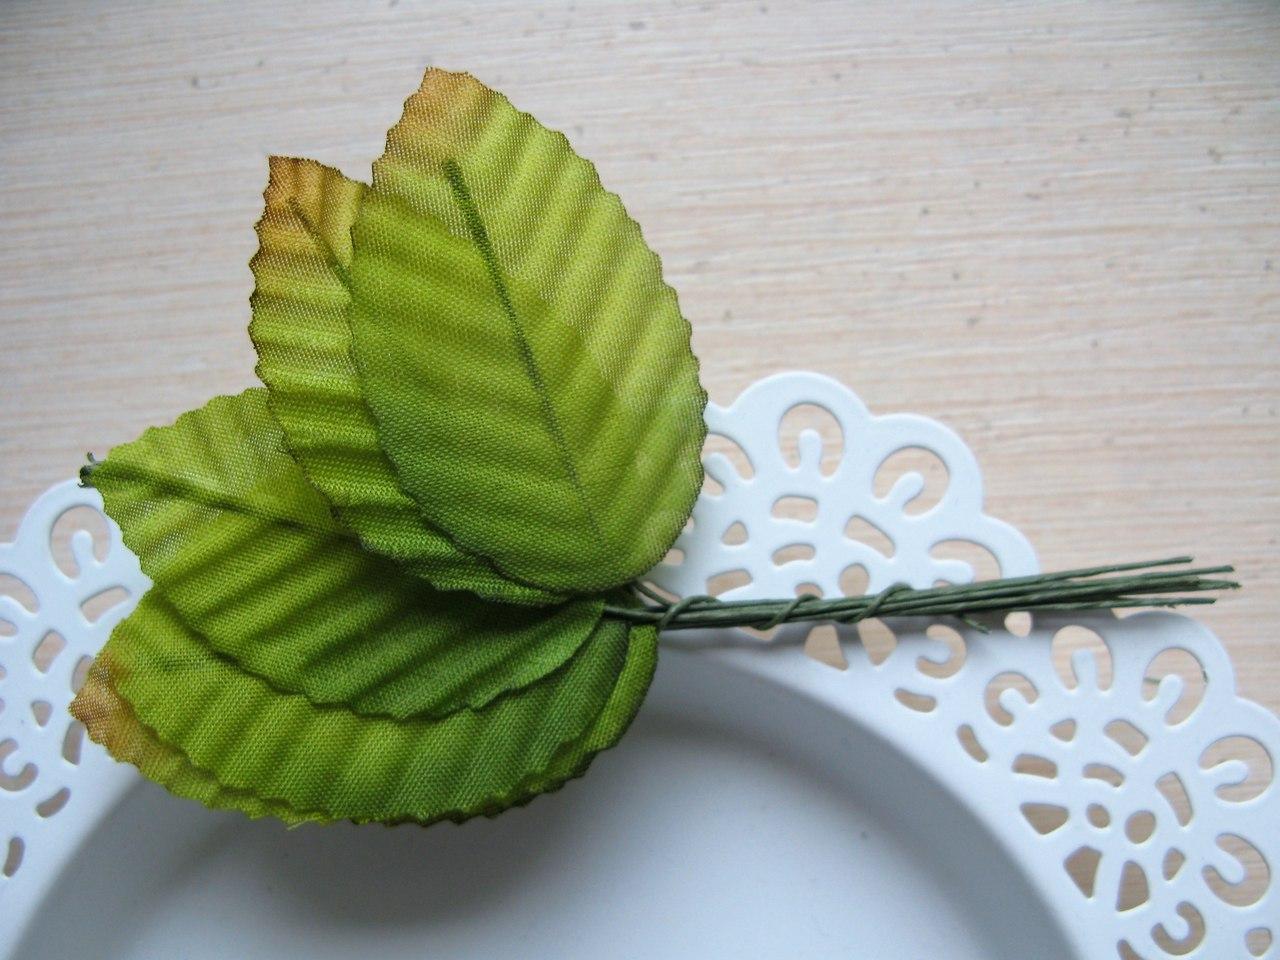 Декоративные листики из ткани. Пучок-10 листиков. Цвет травяной с коричневым кончиком